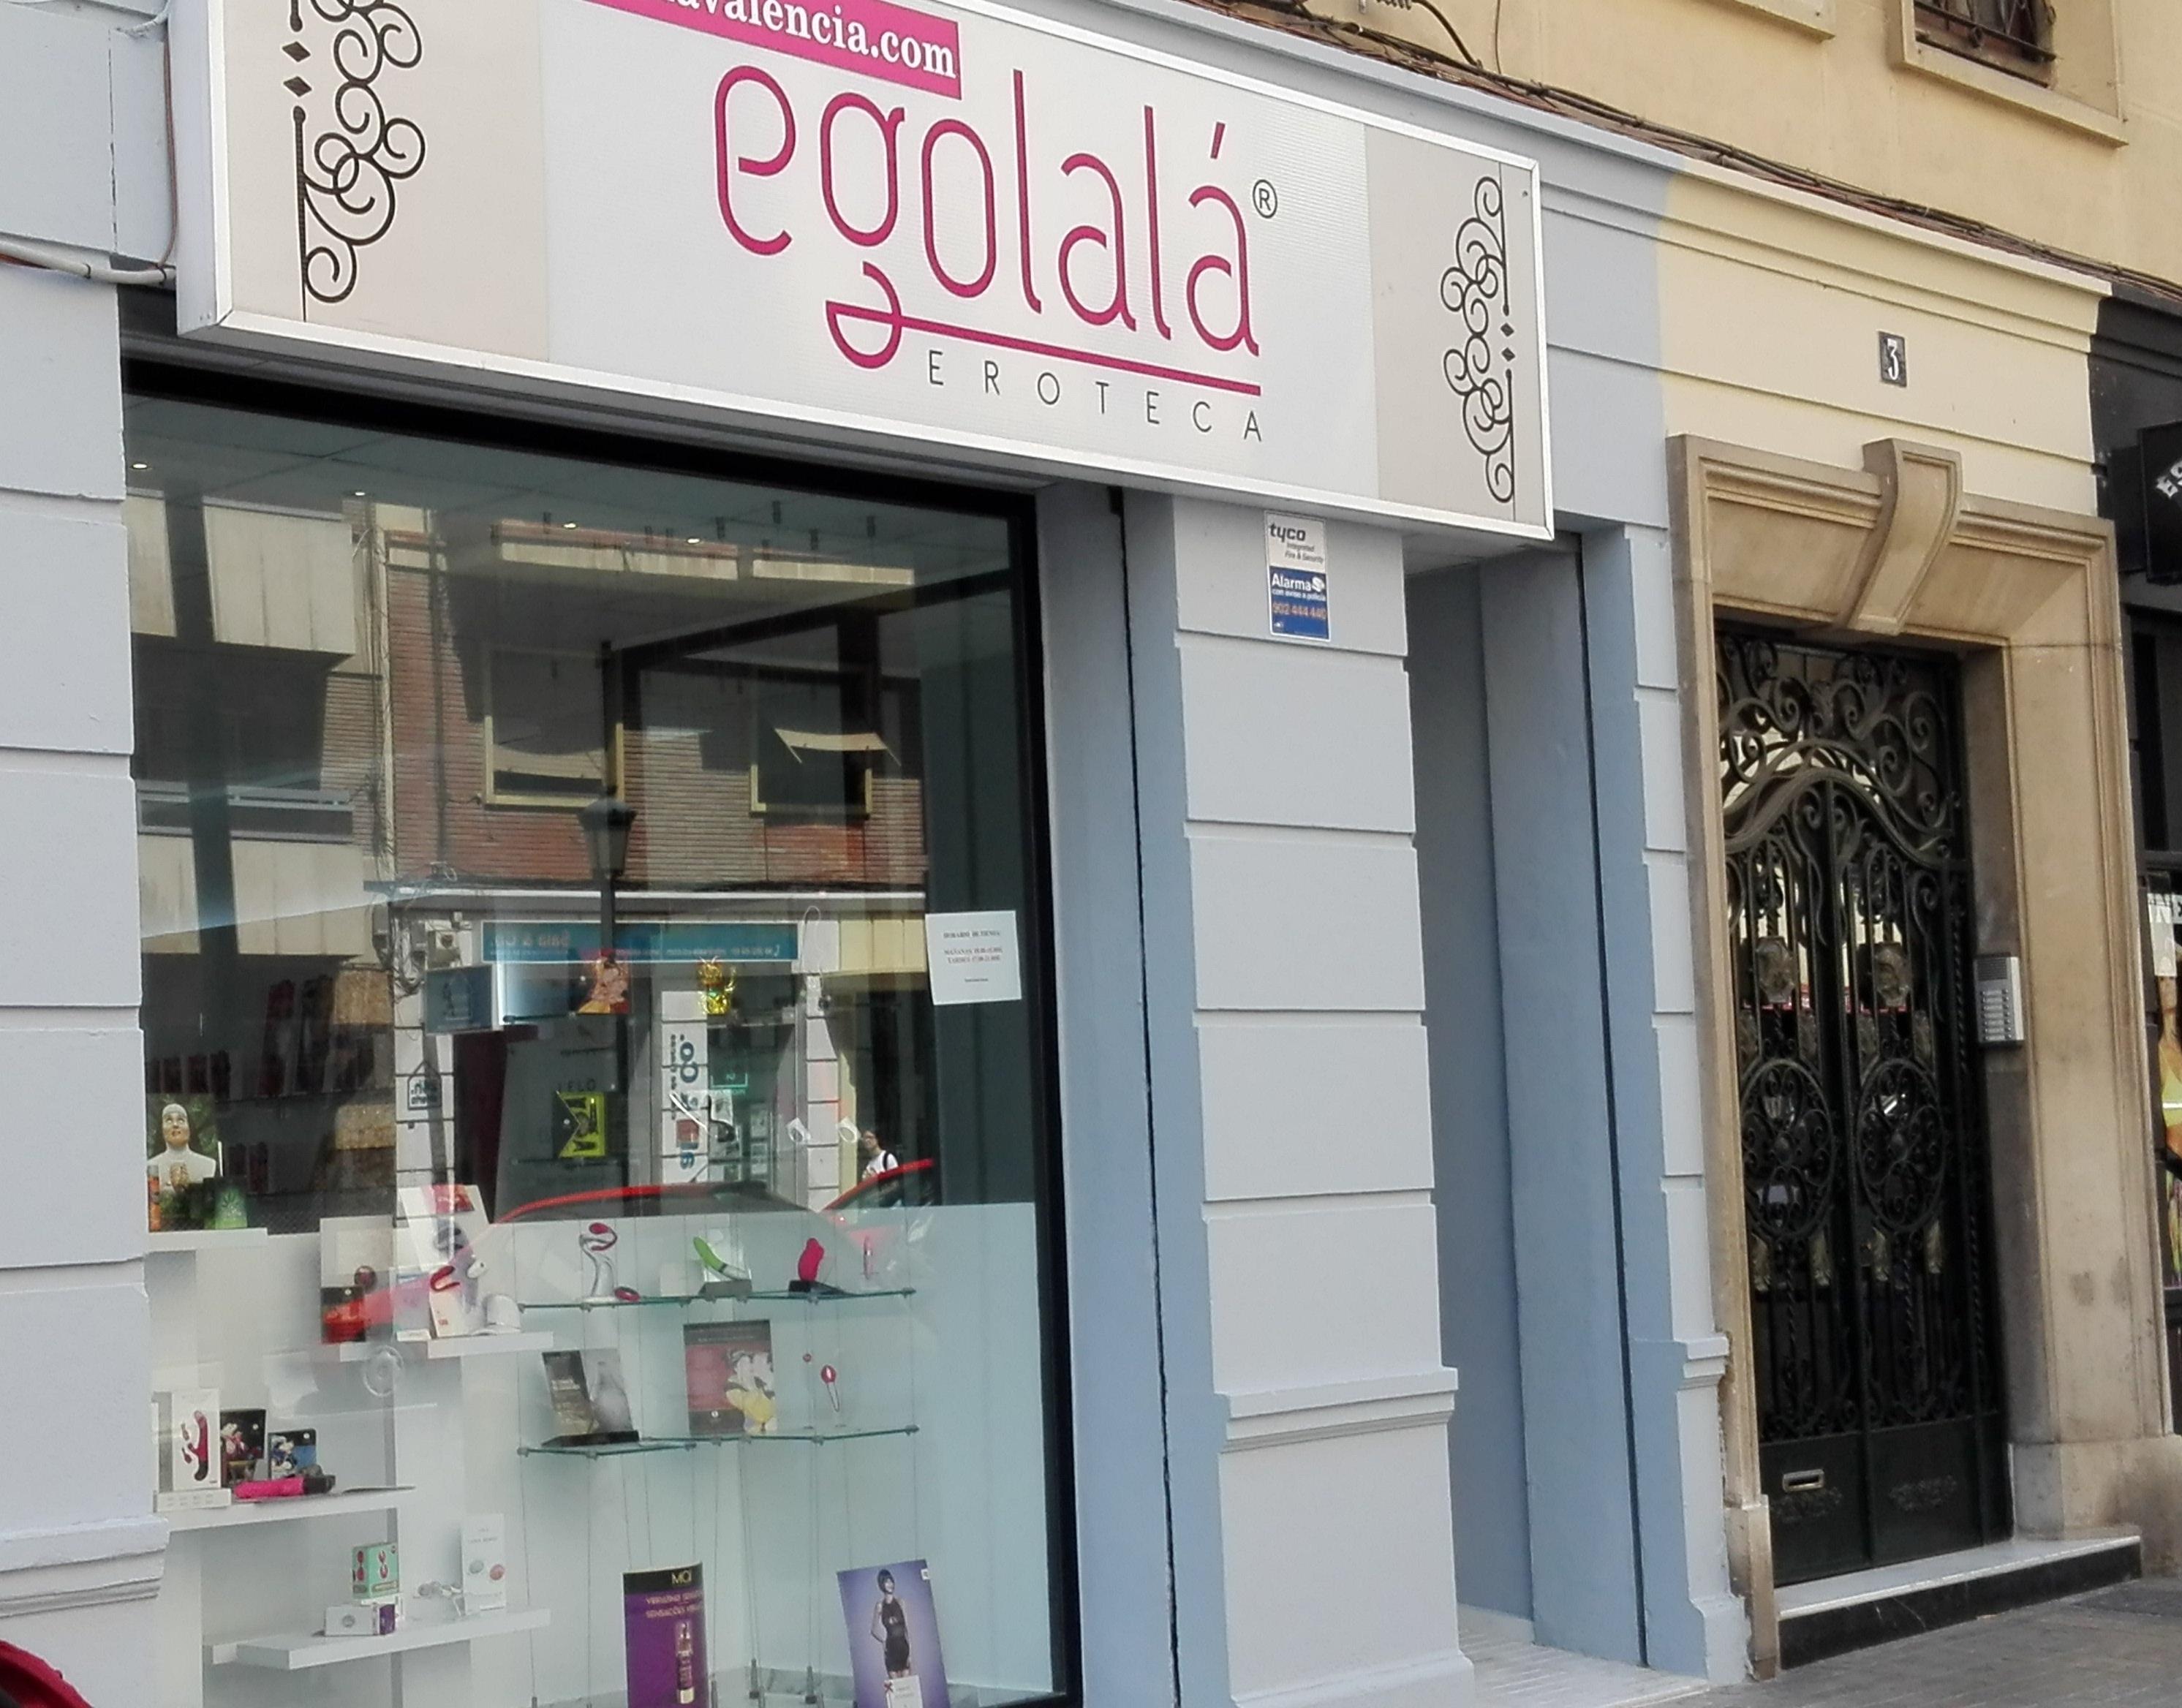 entrada tienda egolala eroteca valencia 2